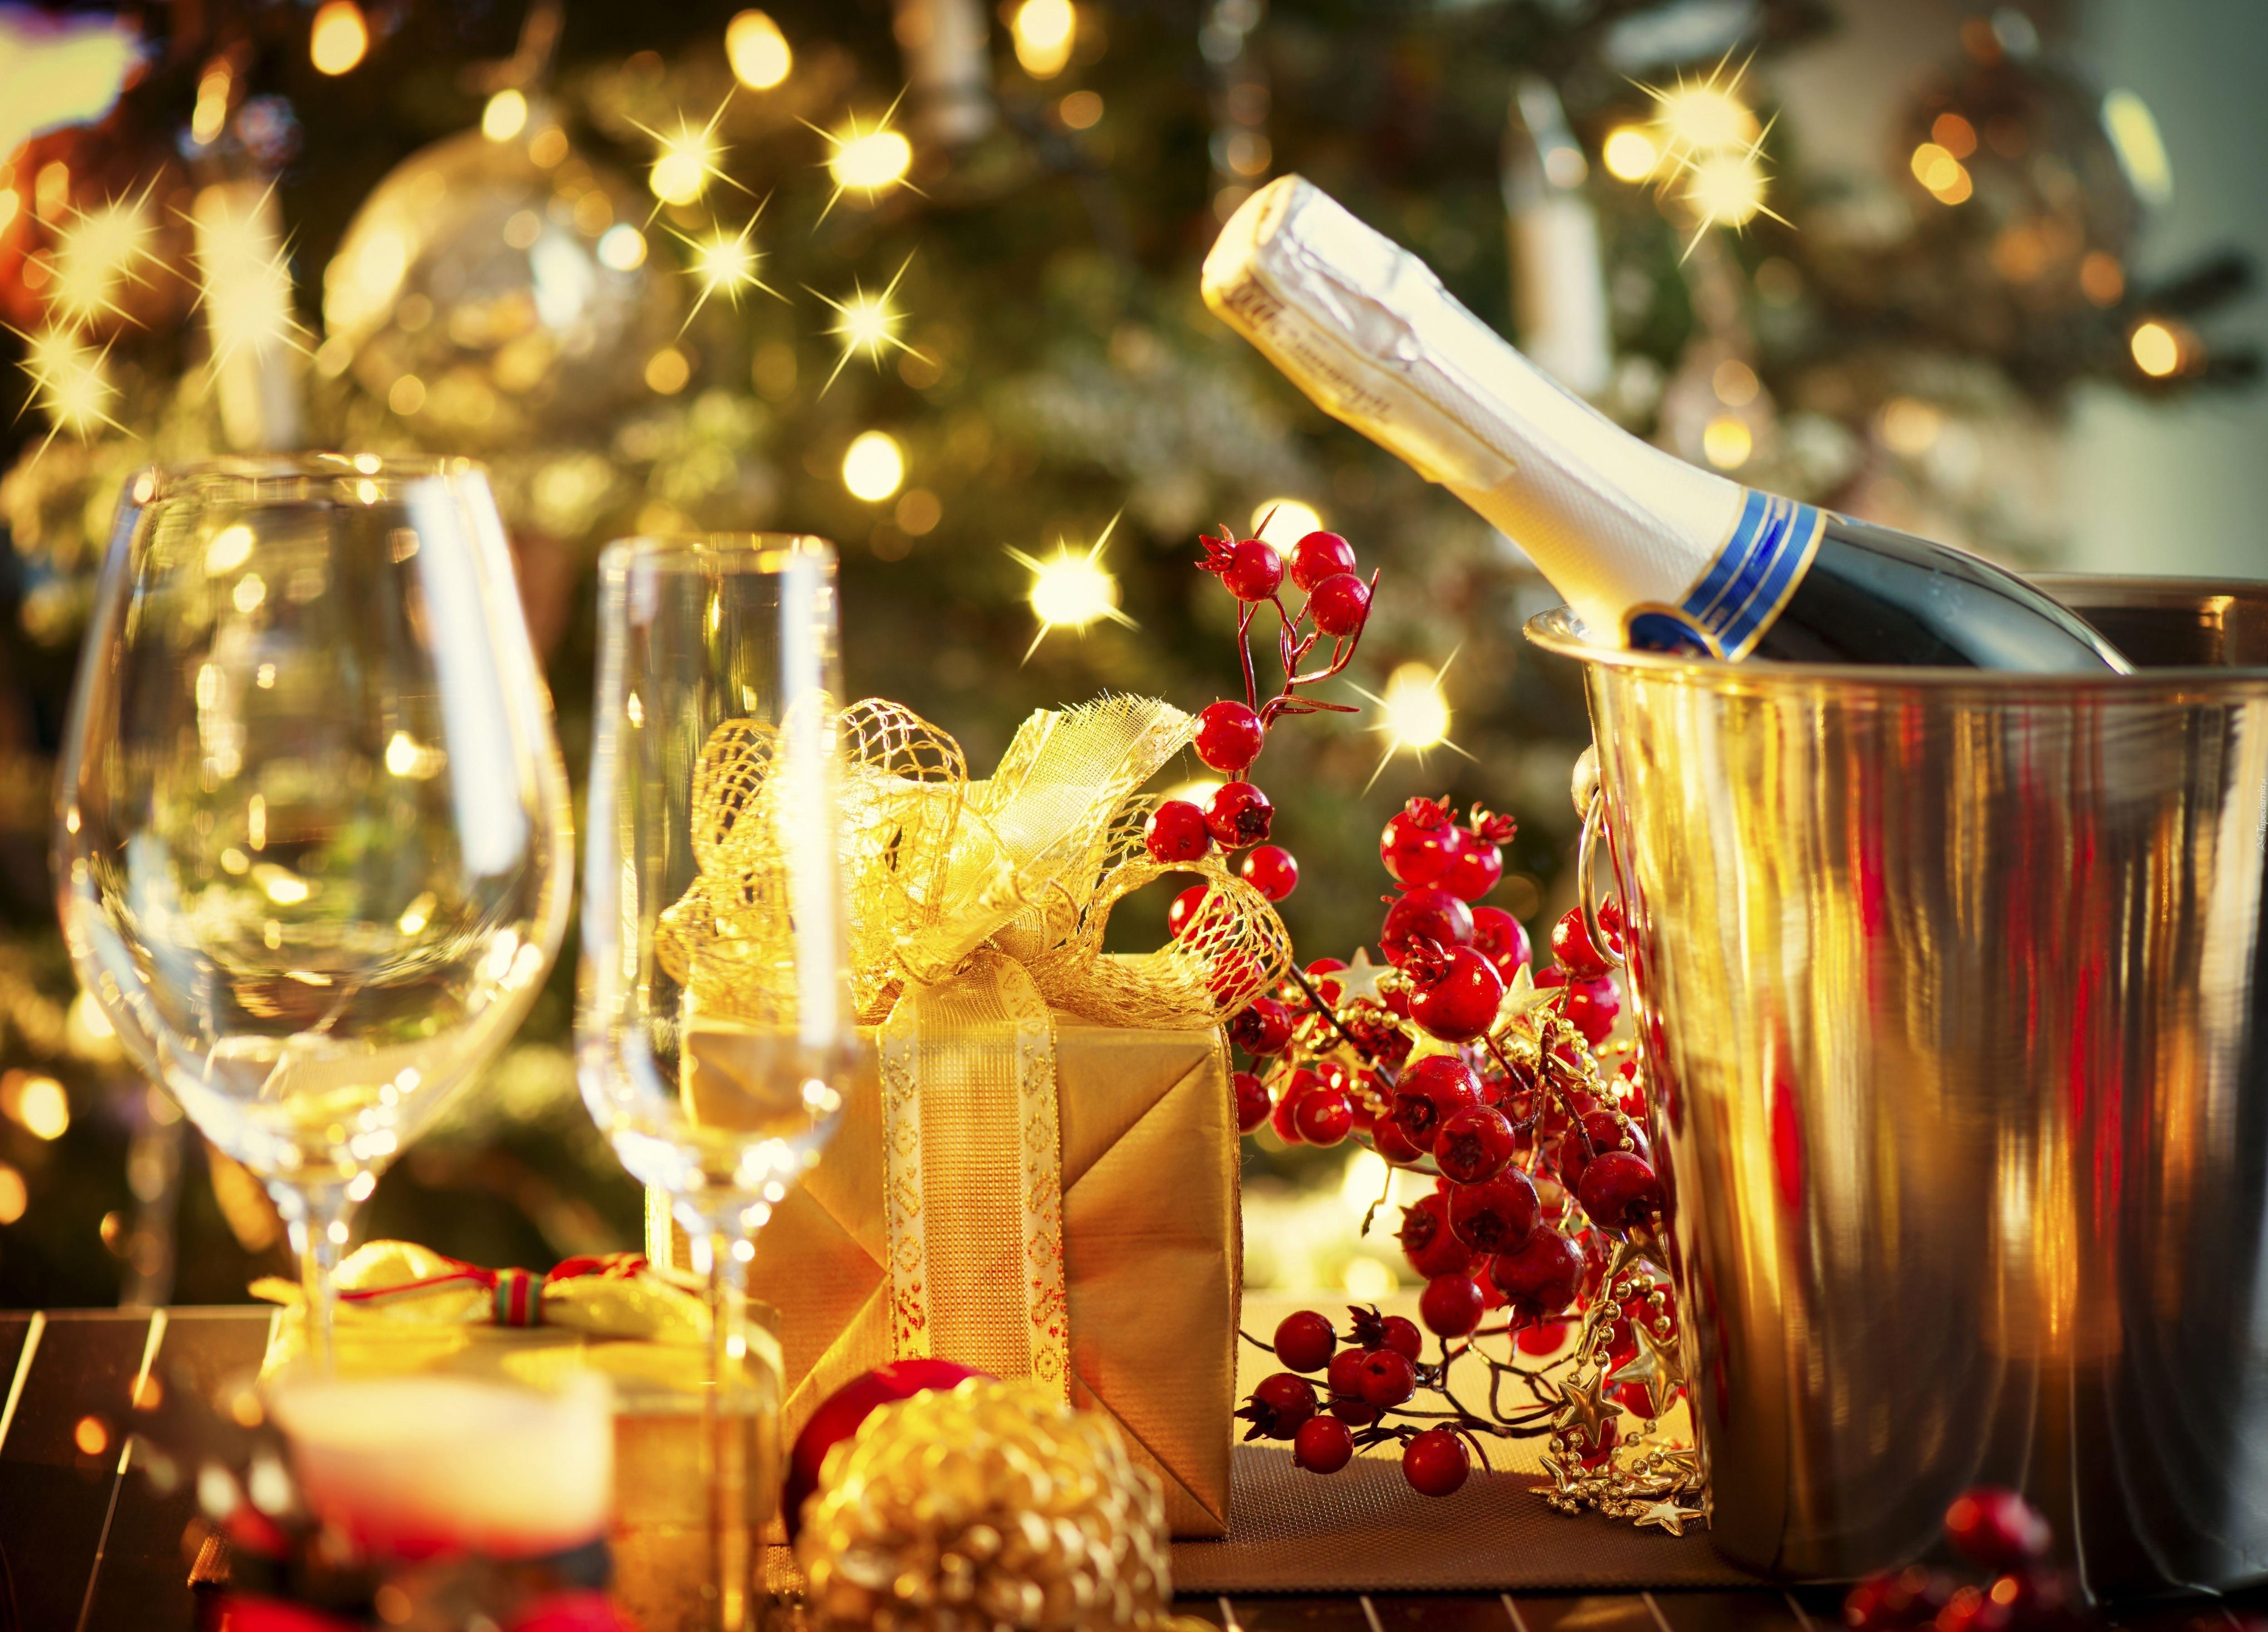 Вот это поворот – не ожидала от празднования Нового года такого